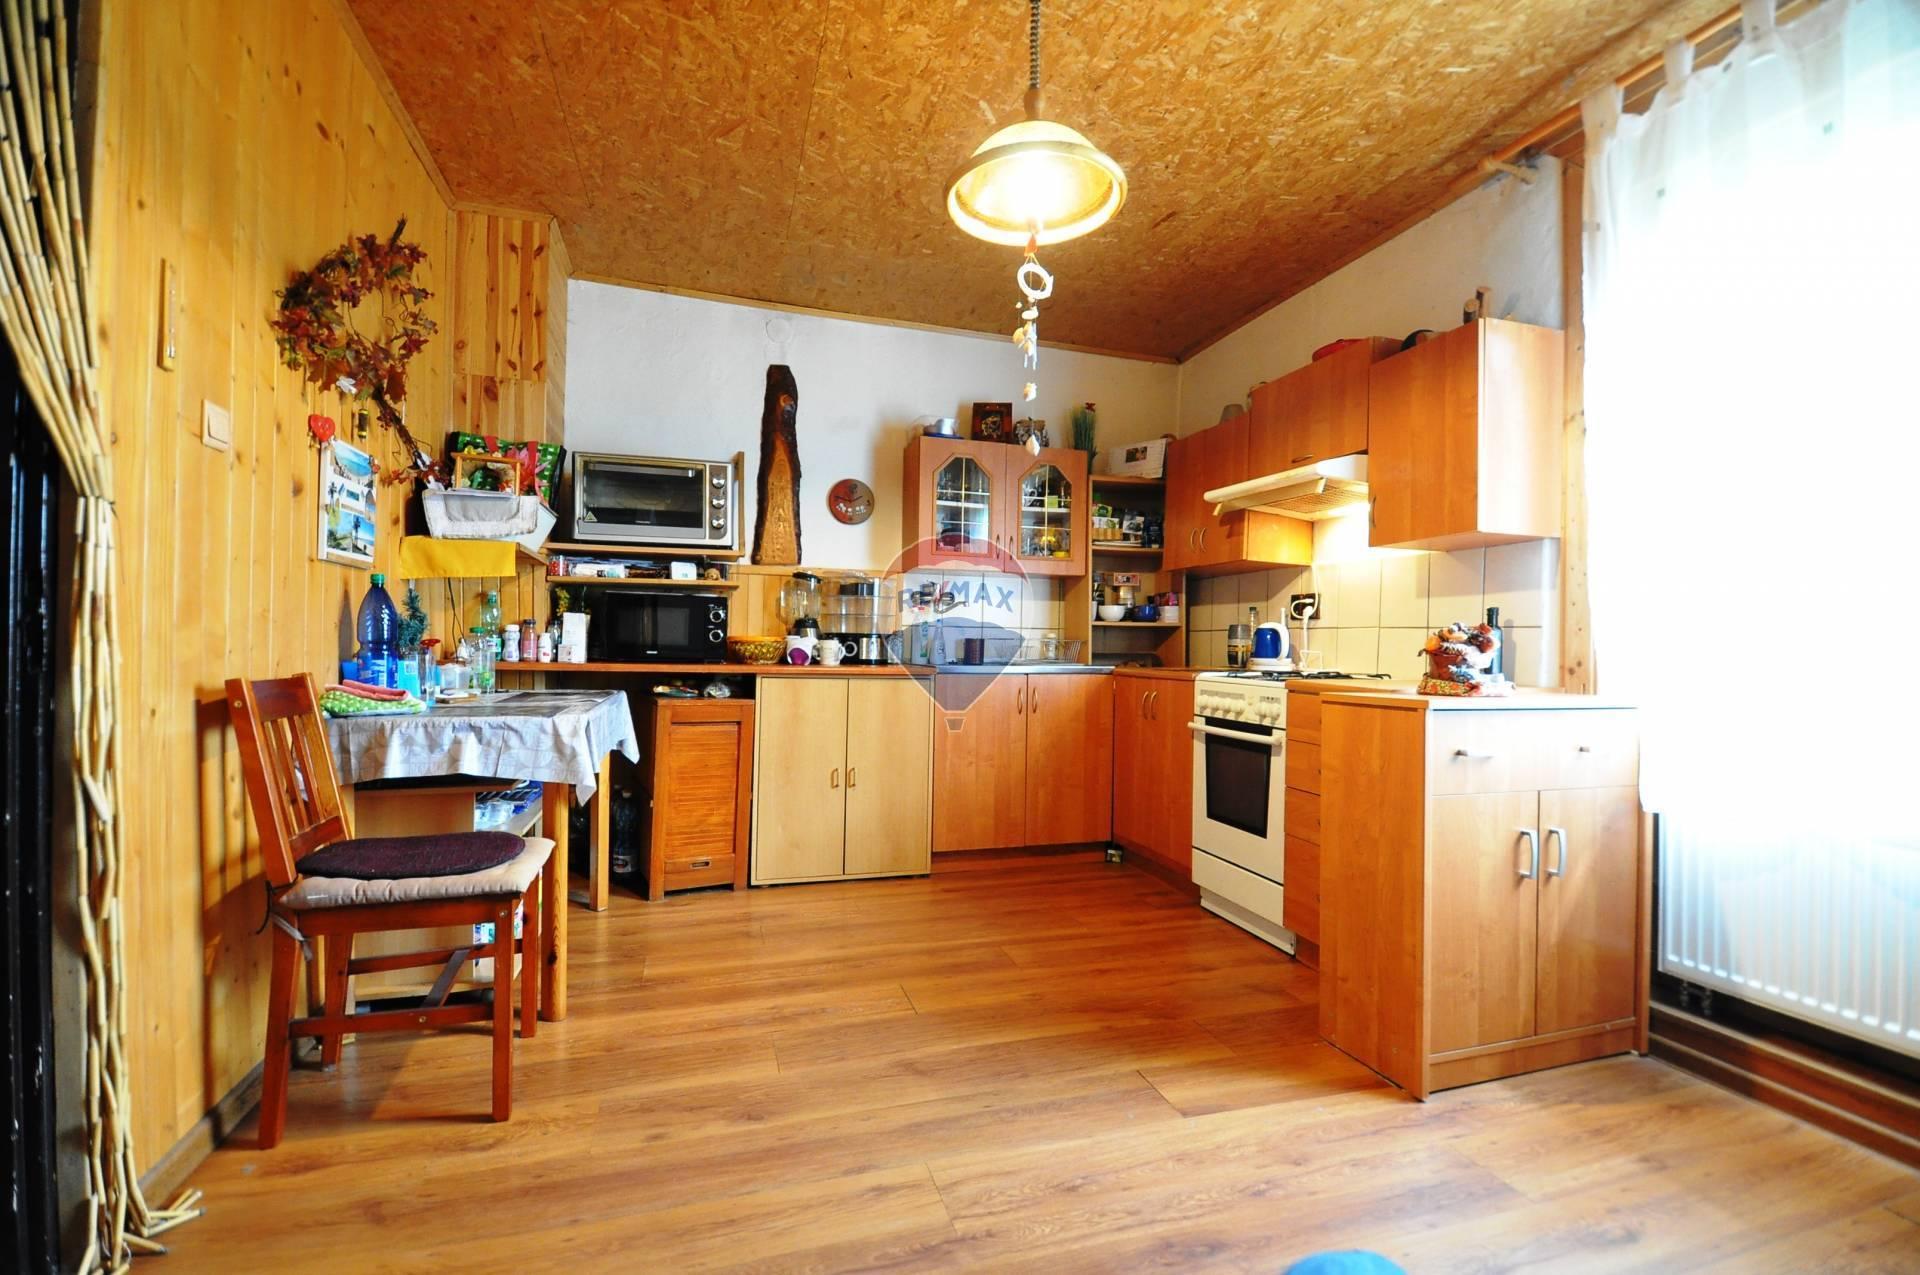 Predaj domu 82 m2, Spišská Teplica - PREDAJ, Rodinný dom, Spišská Teplica, Ul. Osloboditeľov,